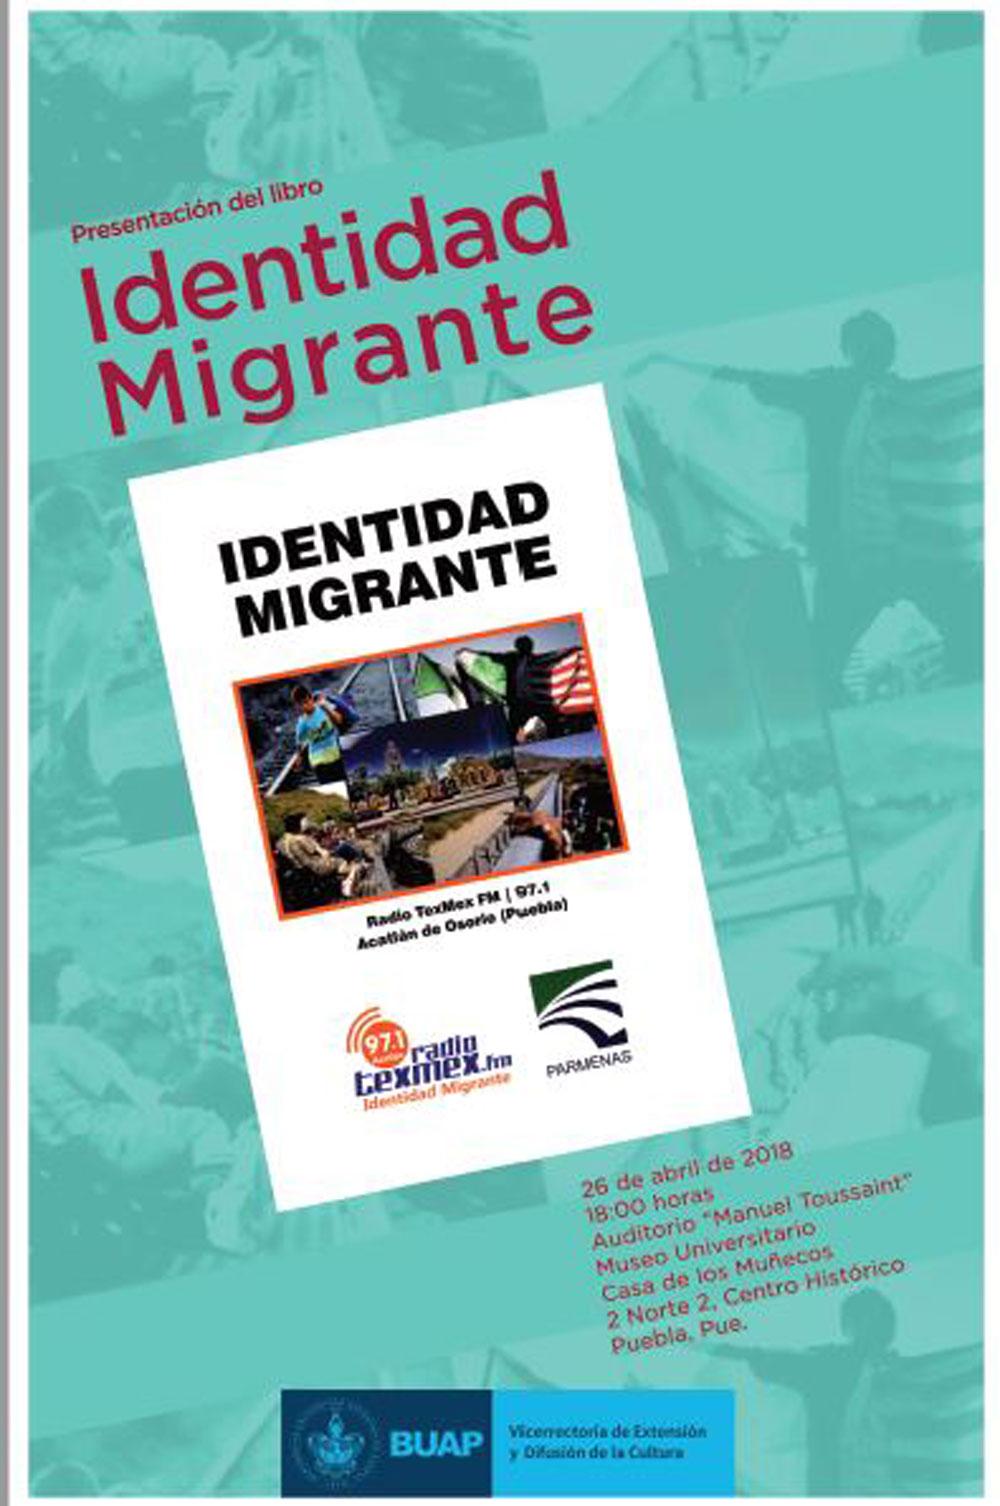 Presentaci n del libro identidad migrante benem rita universidad aut noma de puebla - Casa del libro telefono gratuito ...